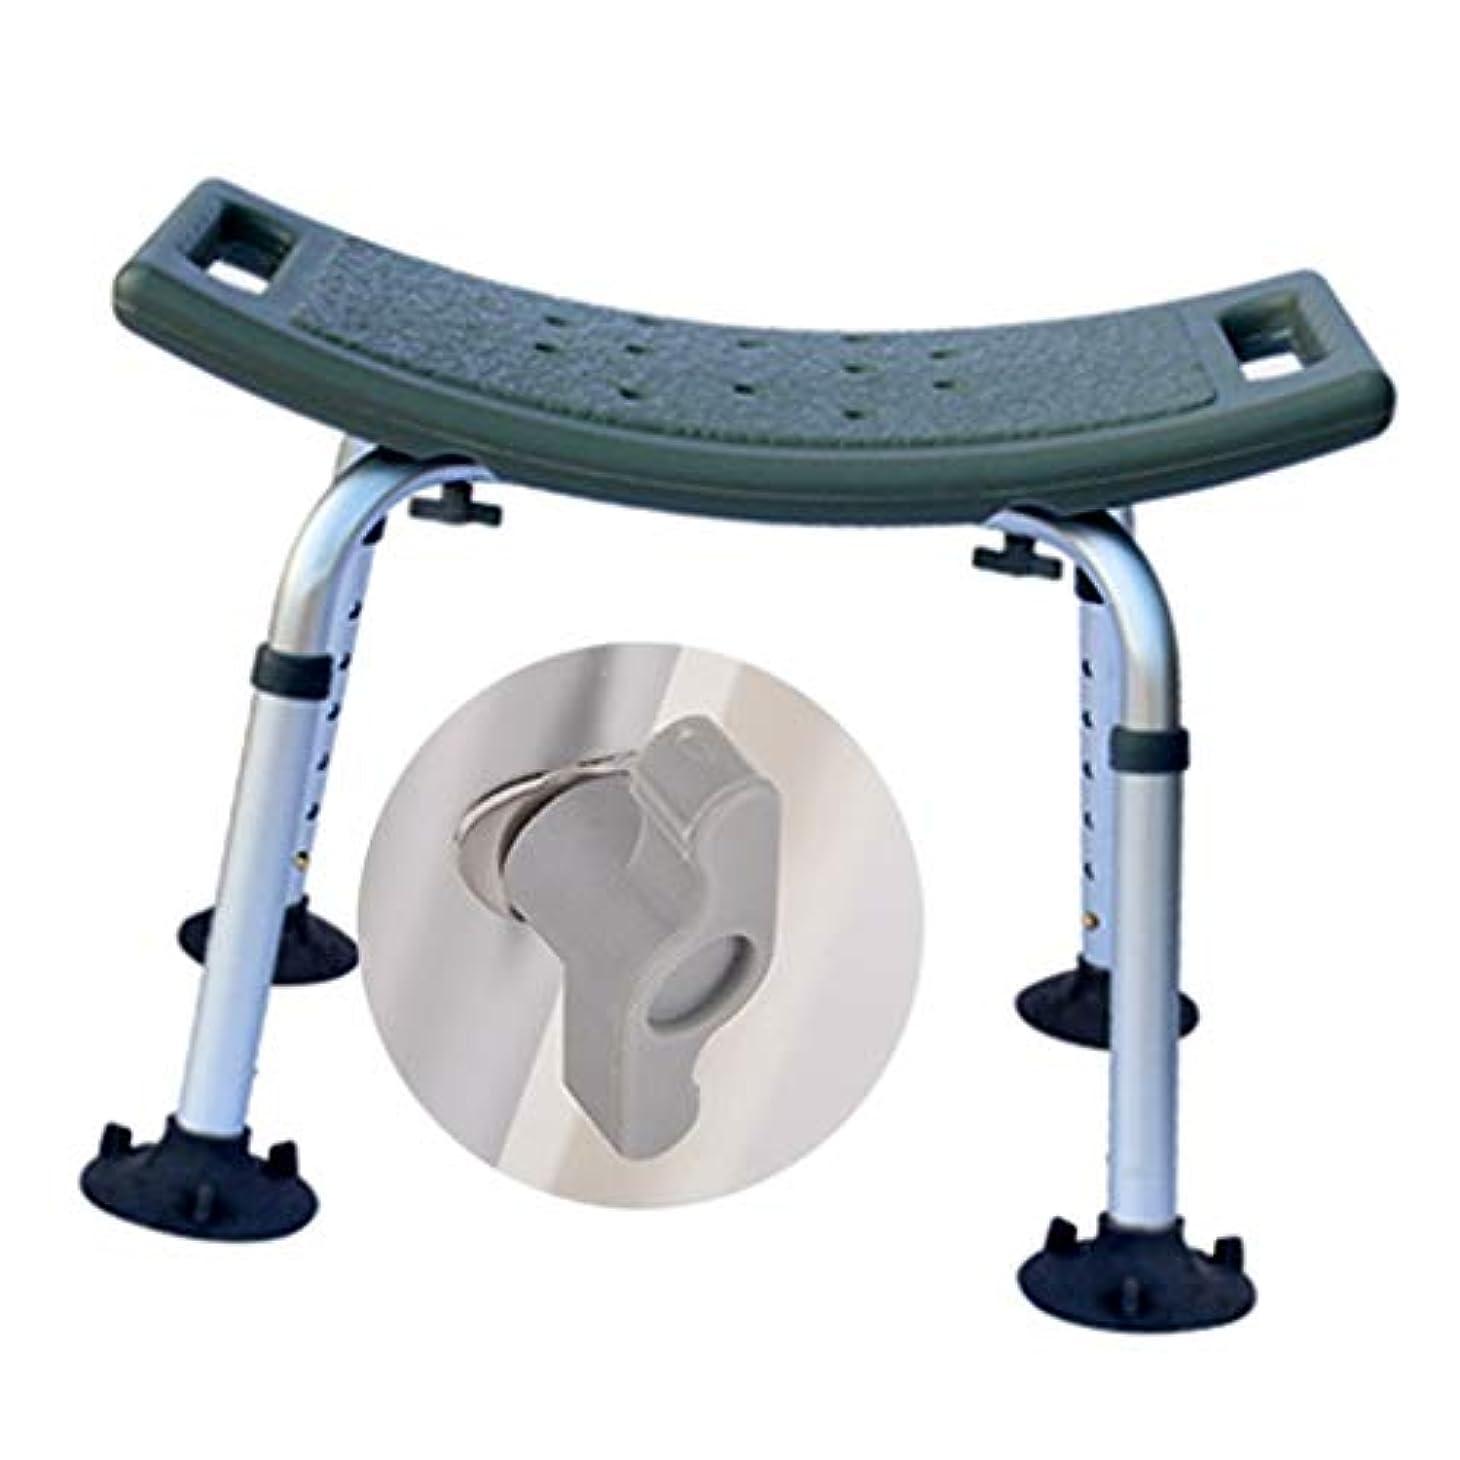 ジャムピボット珍しい多機能アルミ製シャワースツール/高齢者/妊娠/身体障害者用/家庭/グレー/滑り止めスツール/カーブ